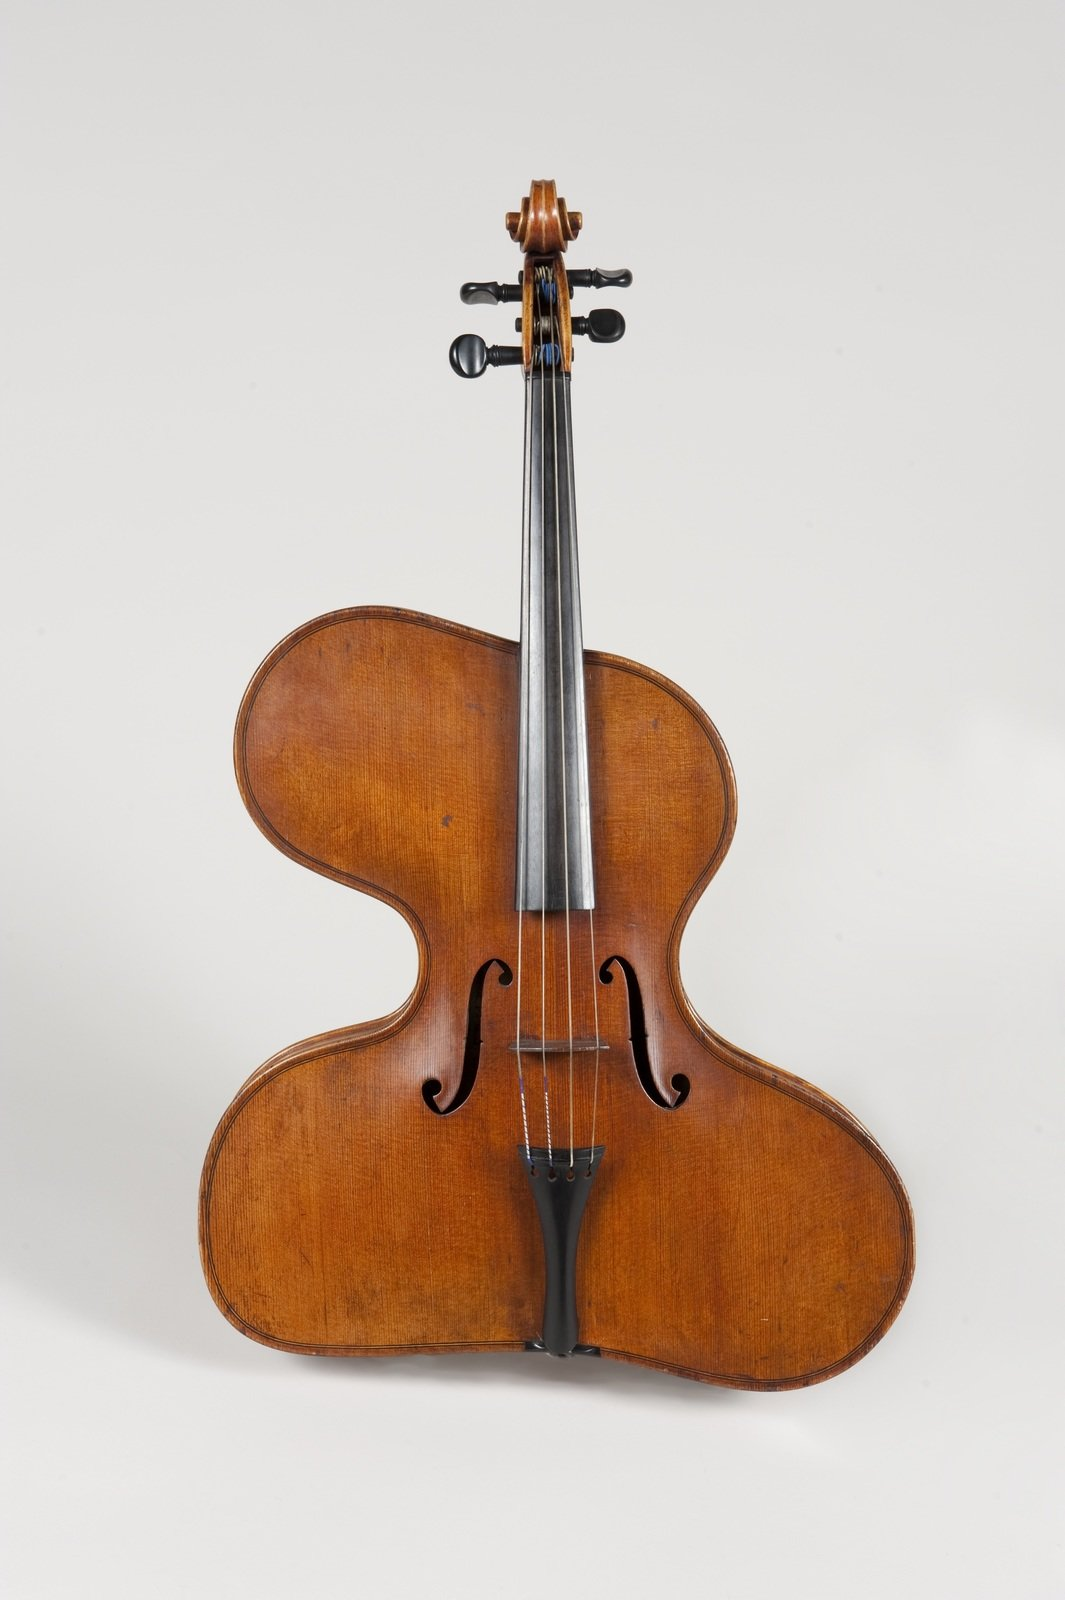 Violino-Harpa, 1873, Zach Thomas, Cité De La Musique, In Copyright